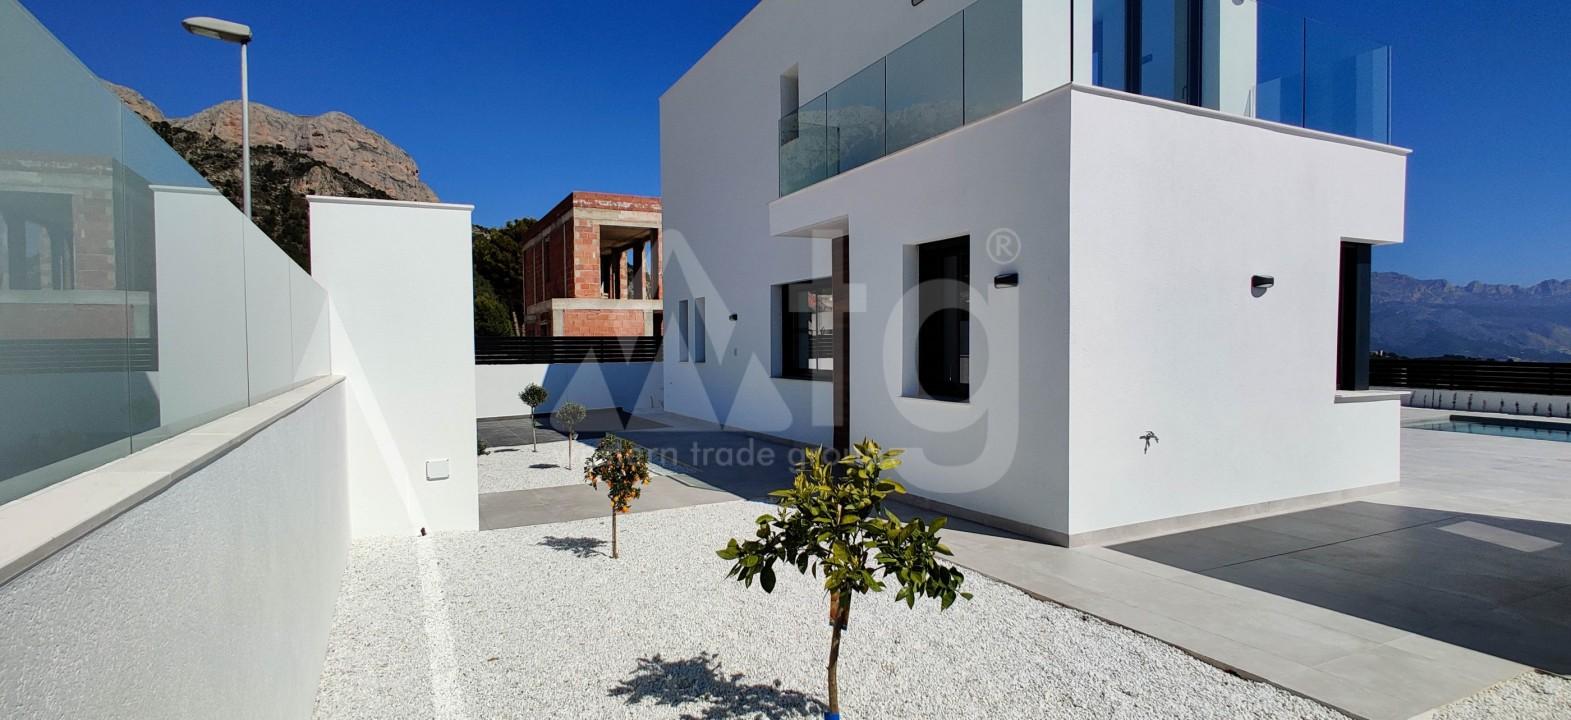 3 bedroom Villa in Dehesa de Campoamor  - AGI115705 - 19